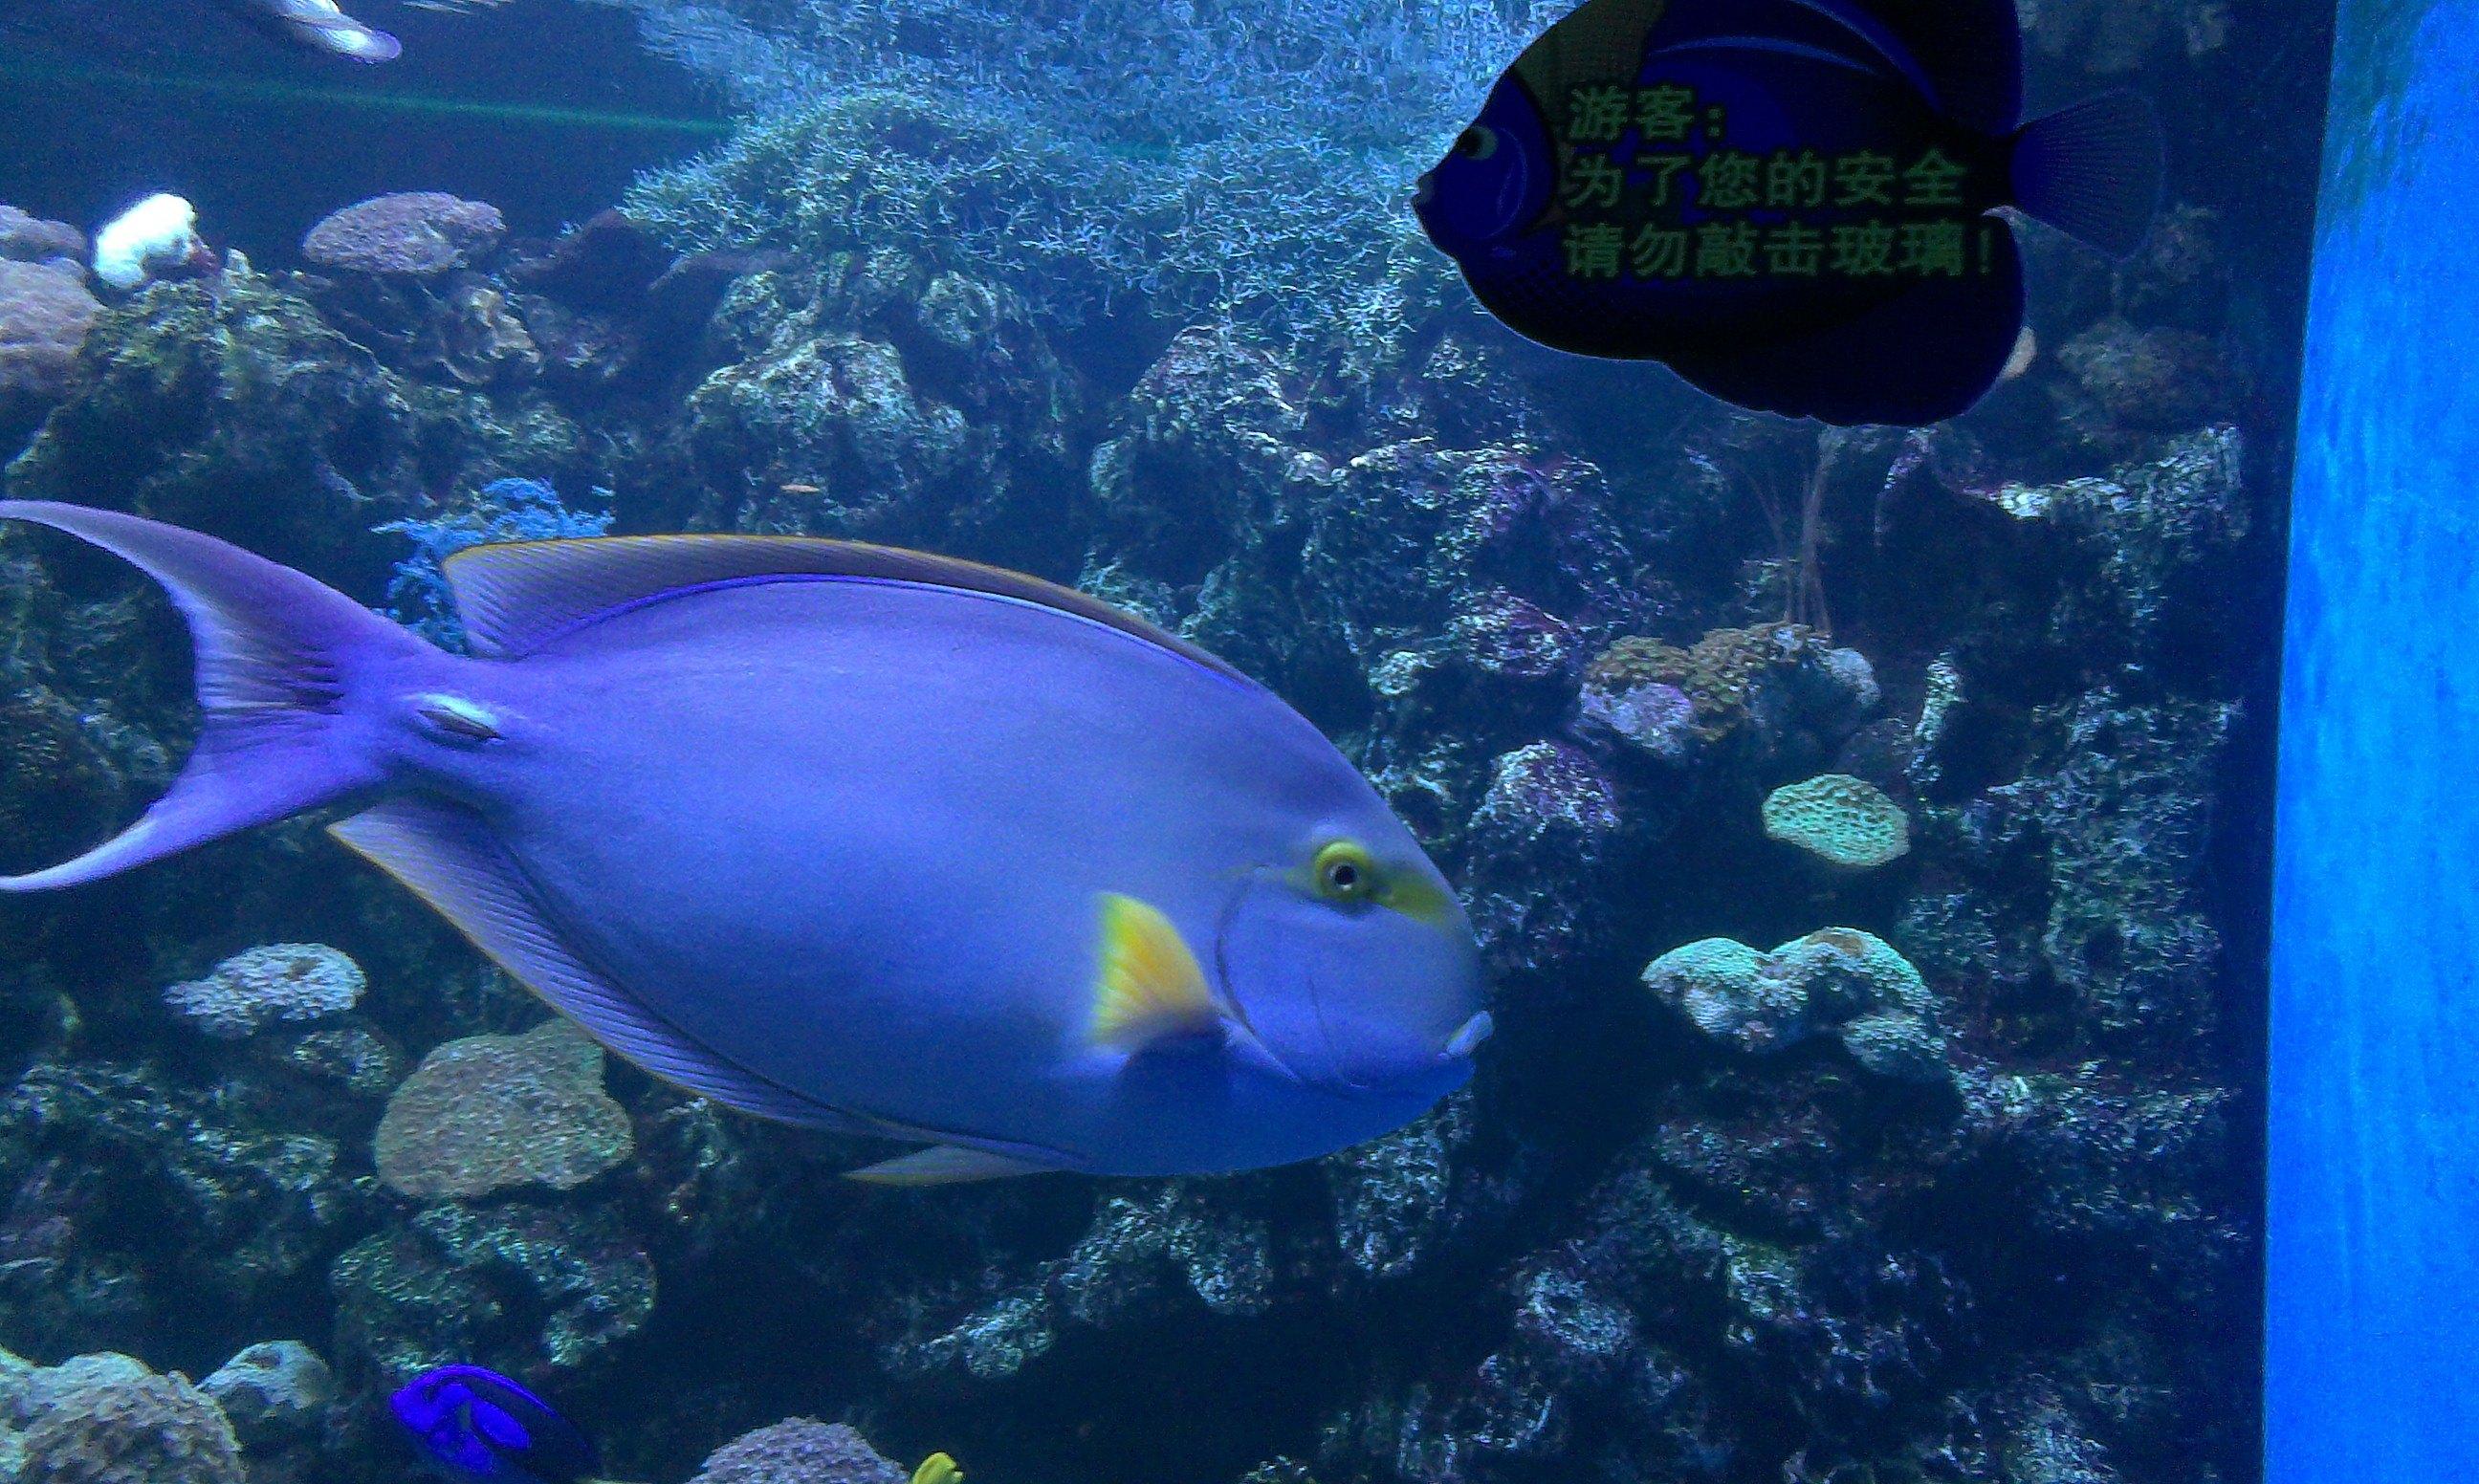 壁纸 动物 海底 海底世界 海洋馆 水族馆 鱼 鱼类 2592_1552